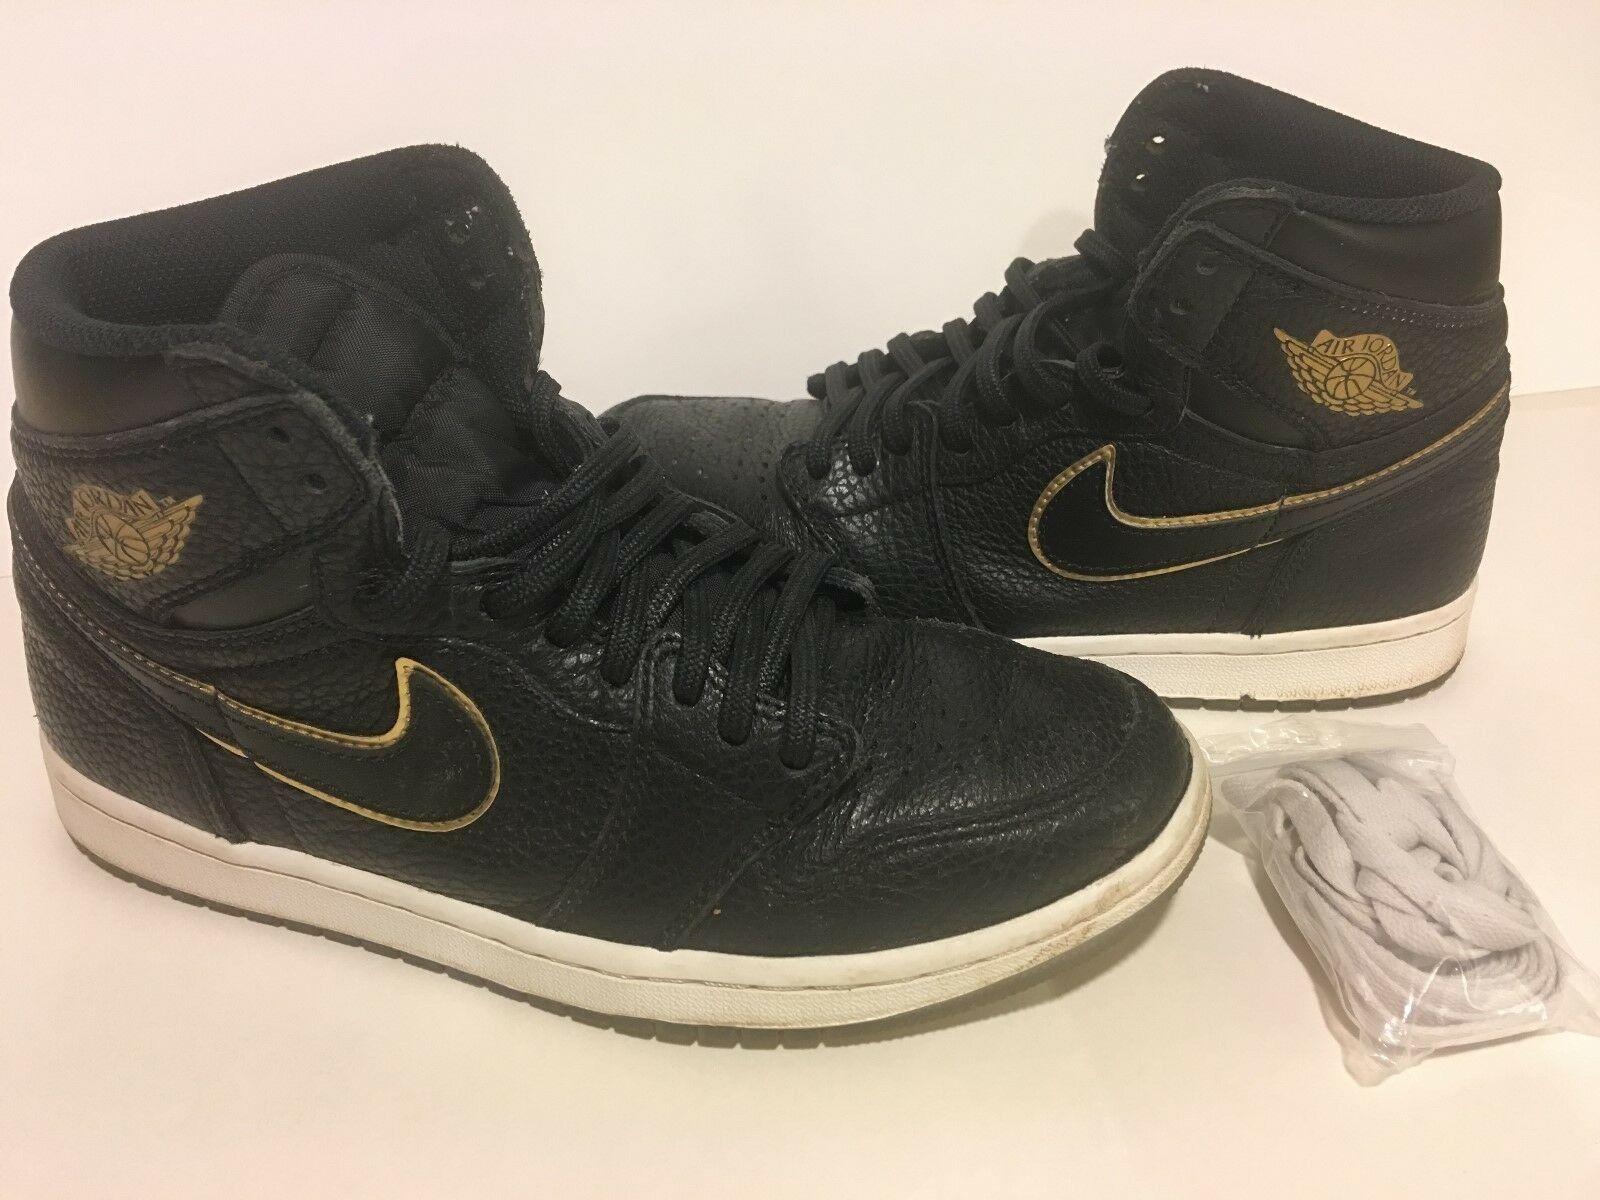 26dd8d31c48b1 Nike 555088-031 Air Air Air Jordan Retro 1 High OG Black Metallic gold Size